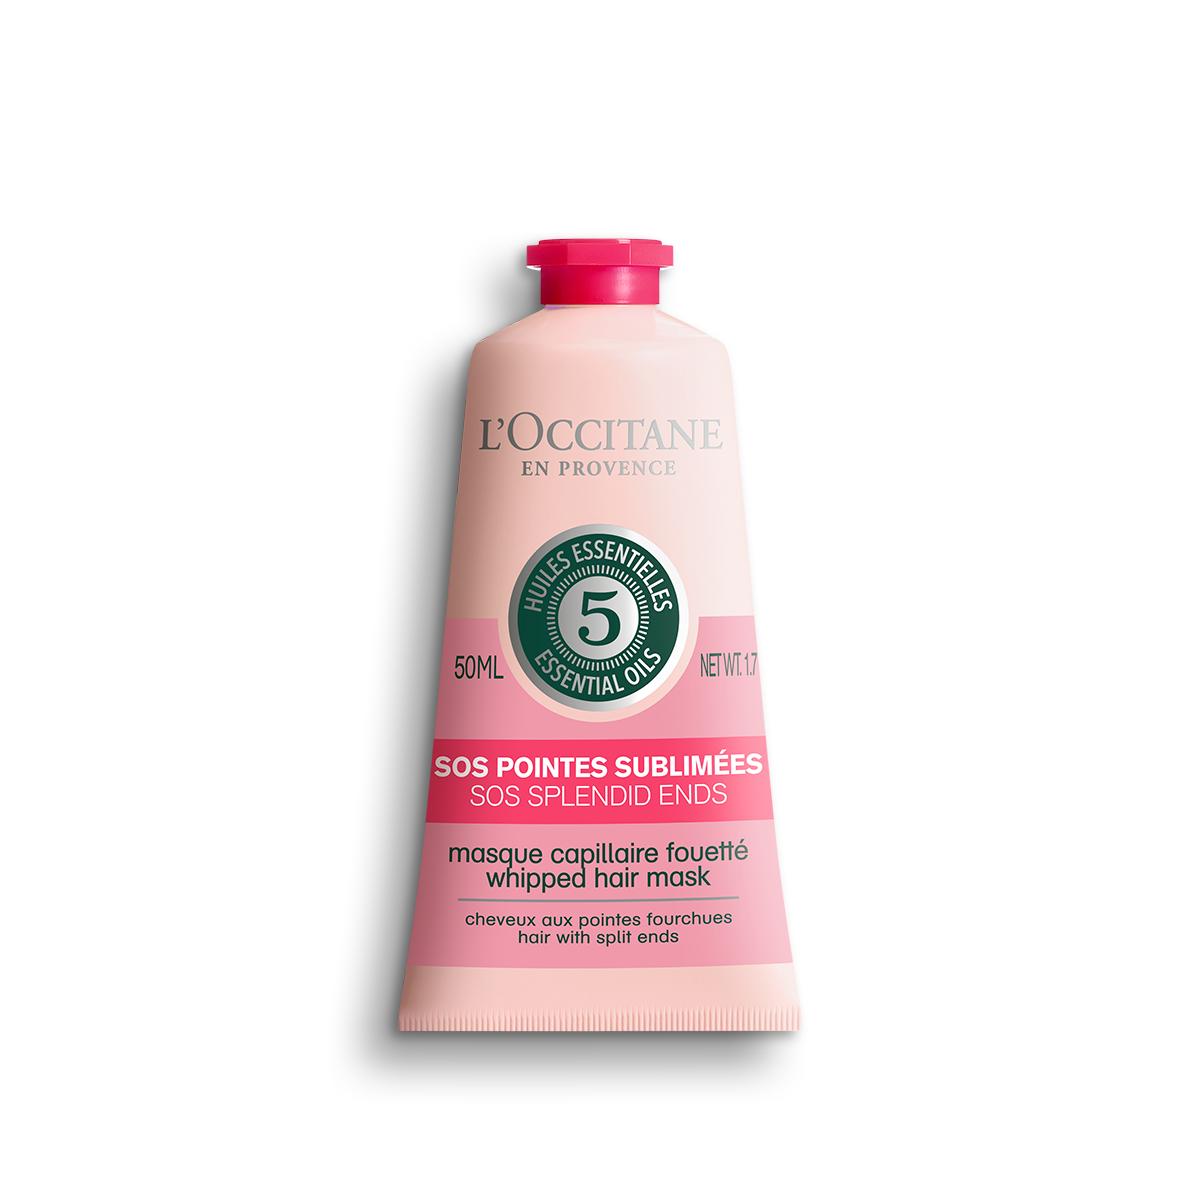 SOS Pointes Sublimées Masque Capillaire Fouetté - 50 ml - L'Occitane en Provence